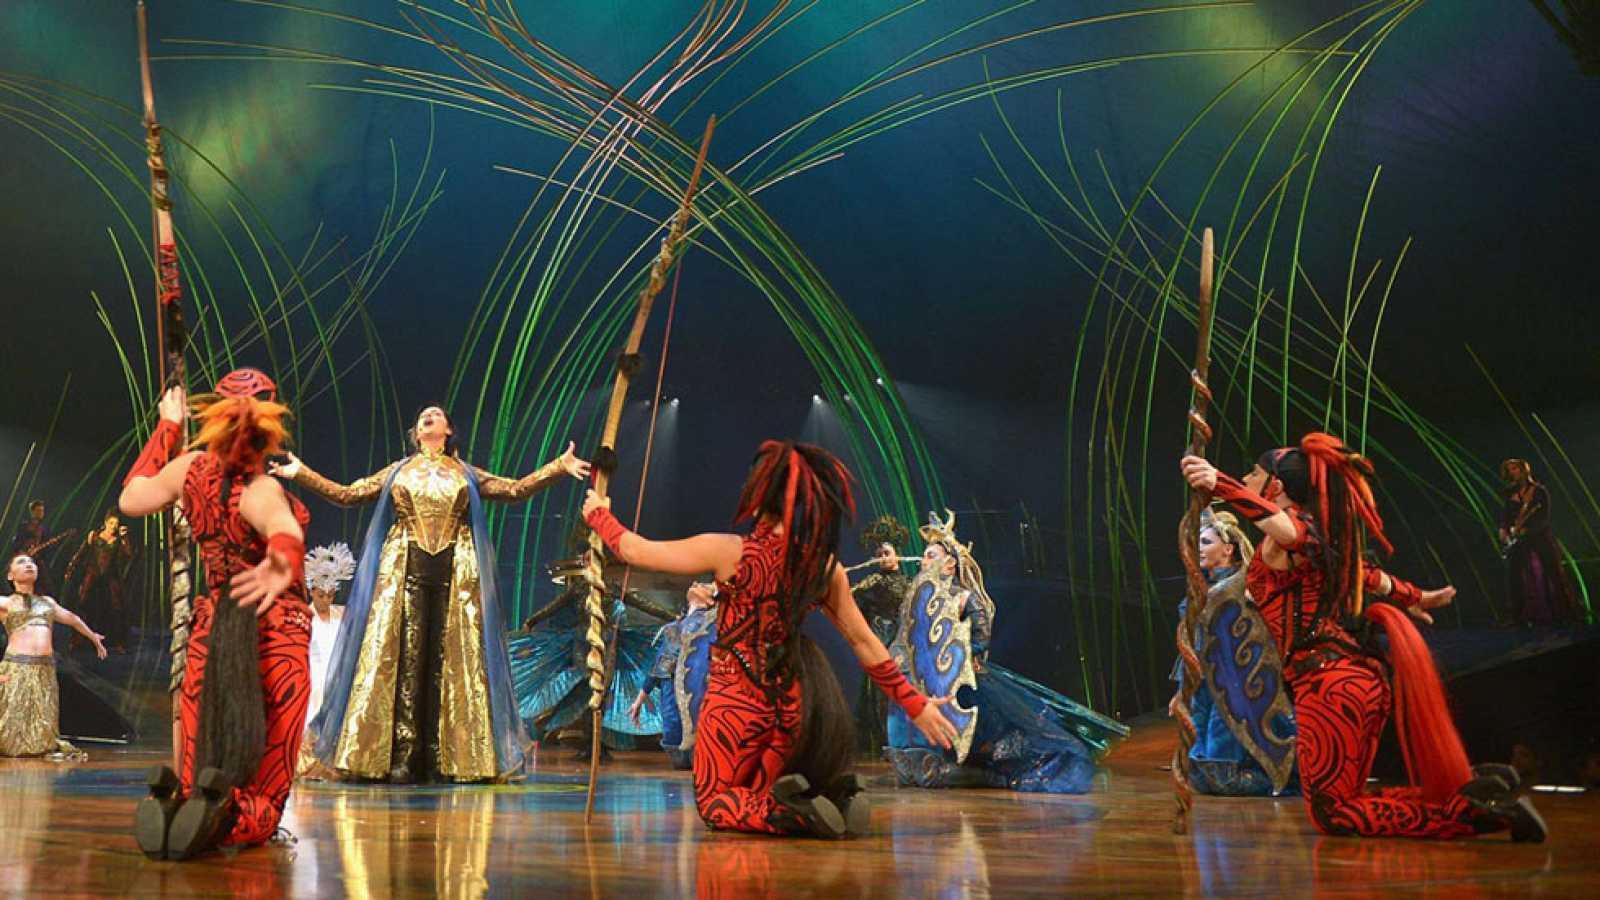 El circo del sol regresa con las mujeres al poder for Ultimos chimentos del espectaculo